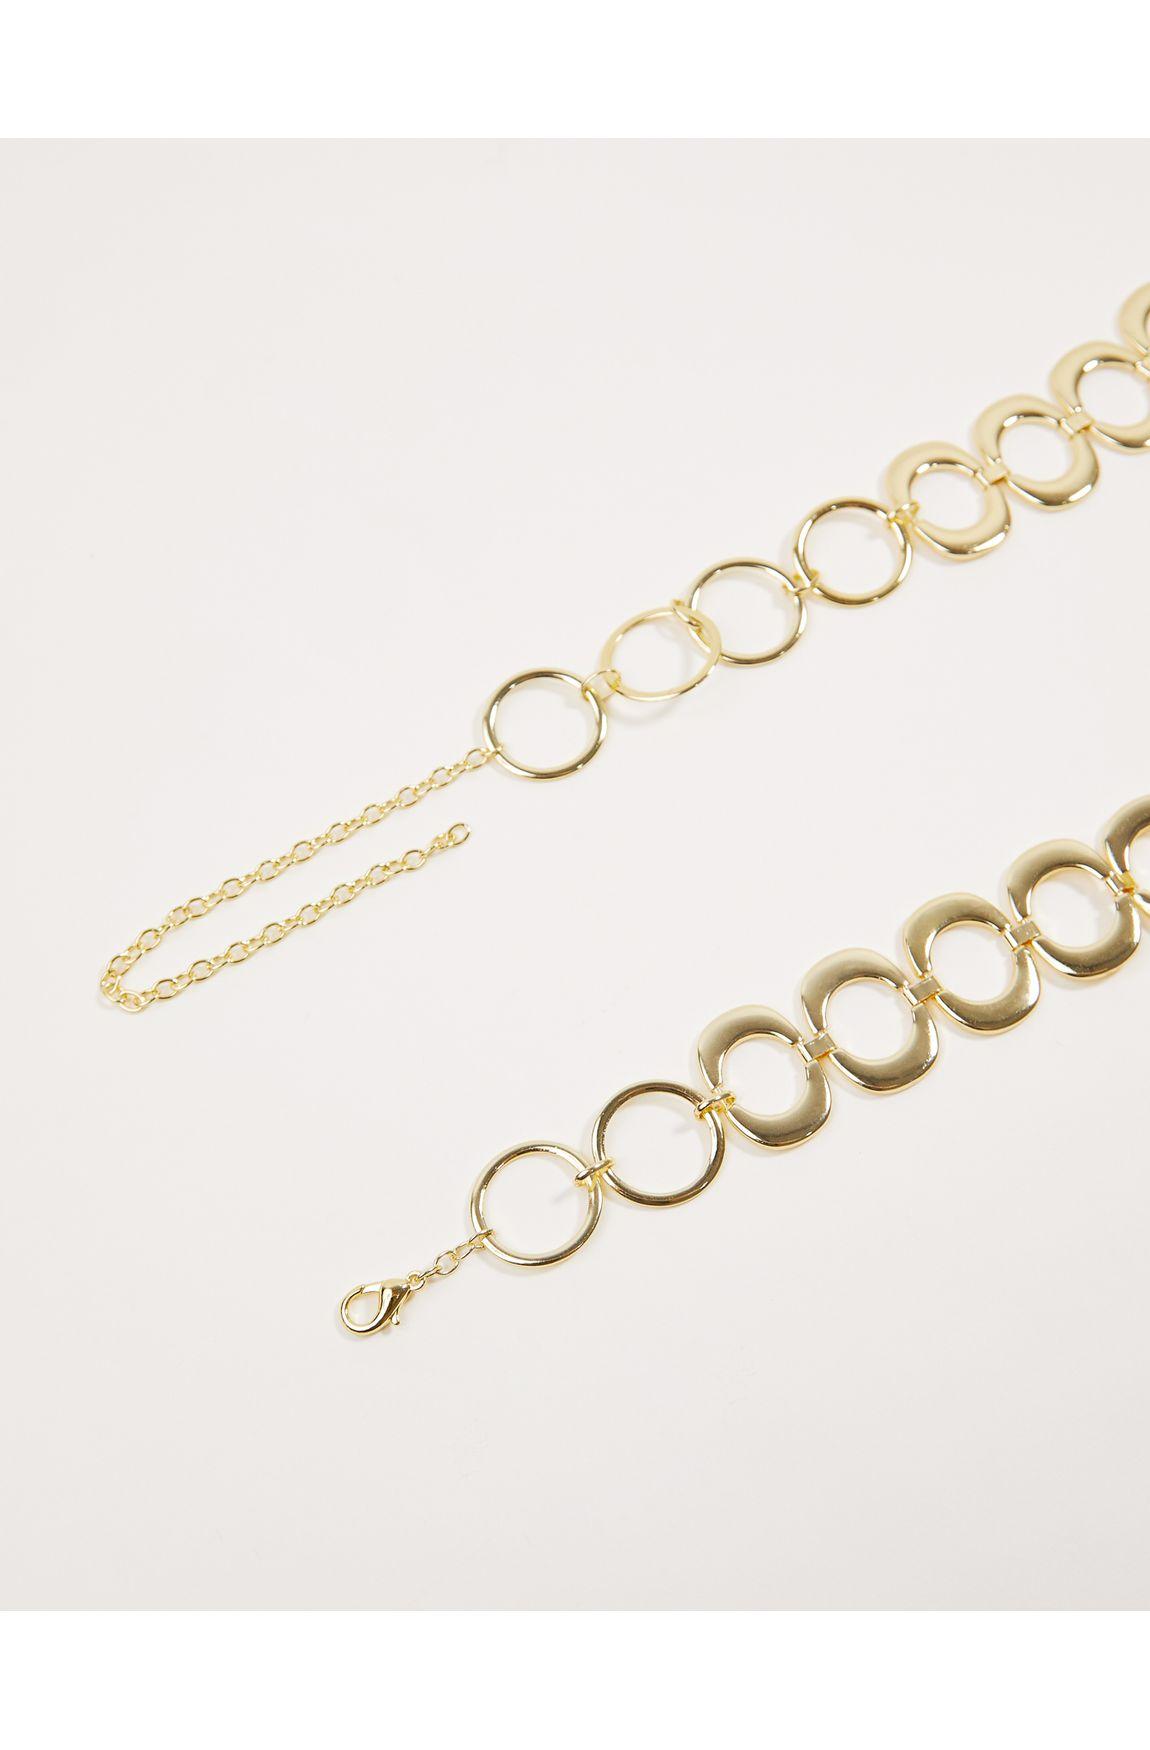 Cinto bijoux elos dourados